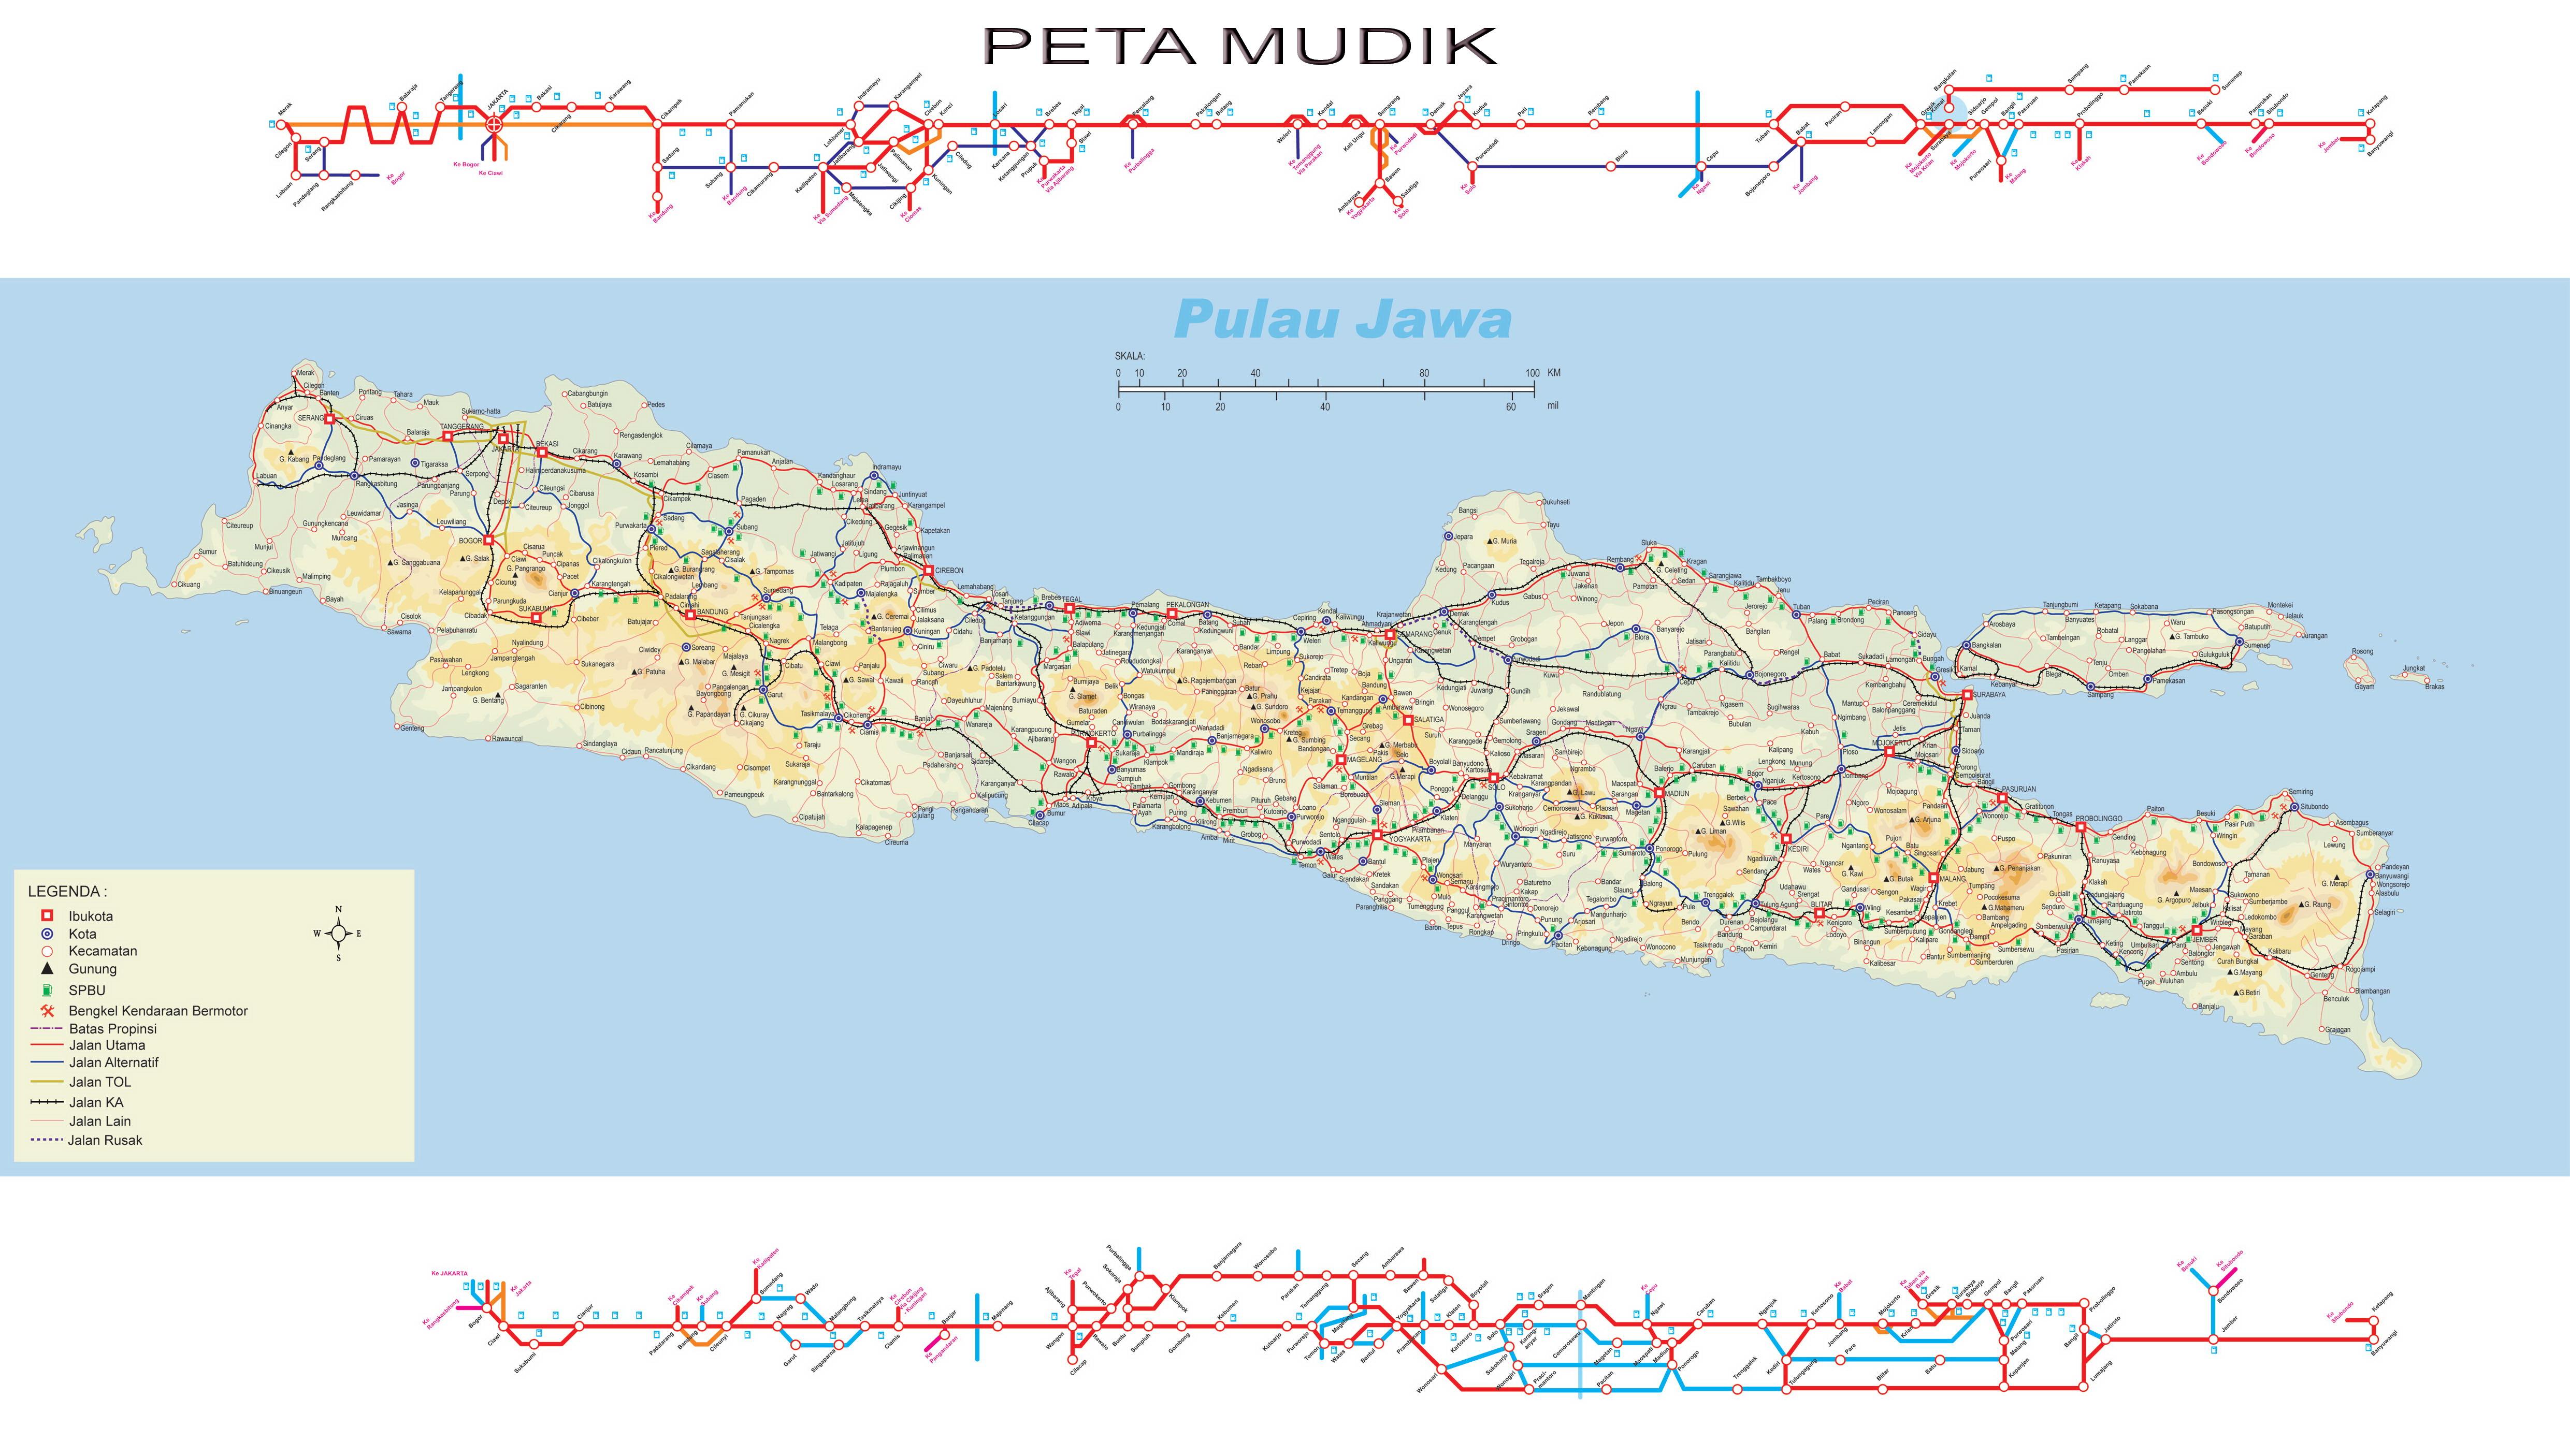 Peta Kota Mudik Pulau Jawa Hd Jumlah Lebaran Terbesar Jakarta